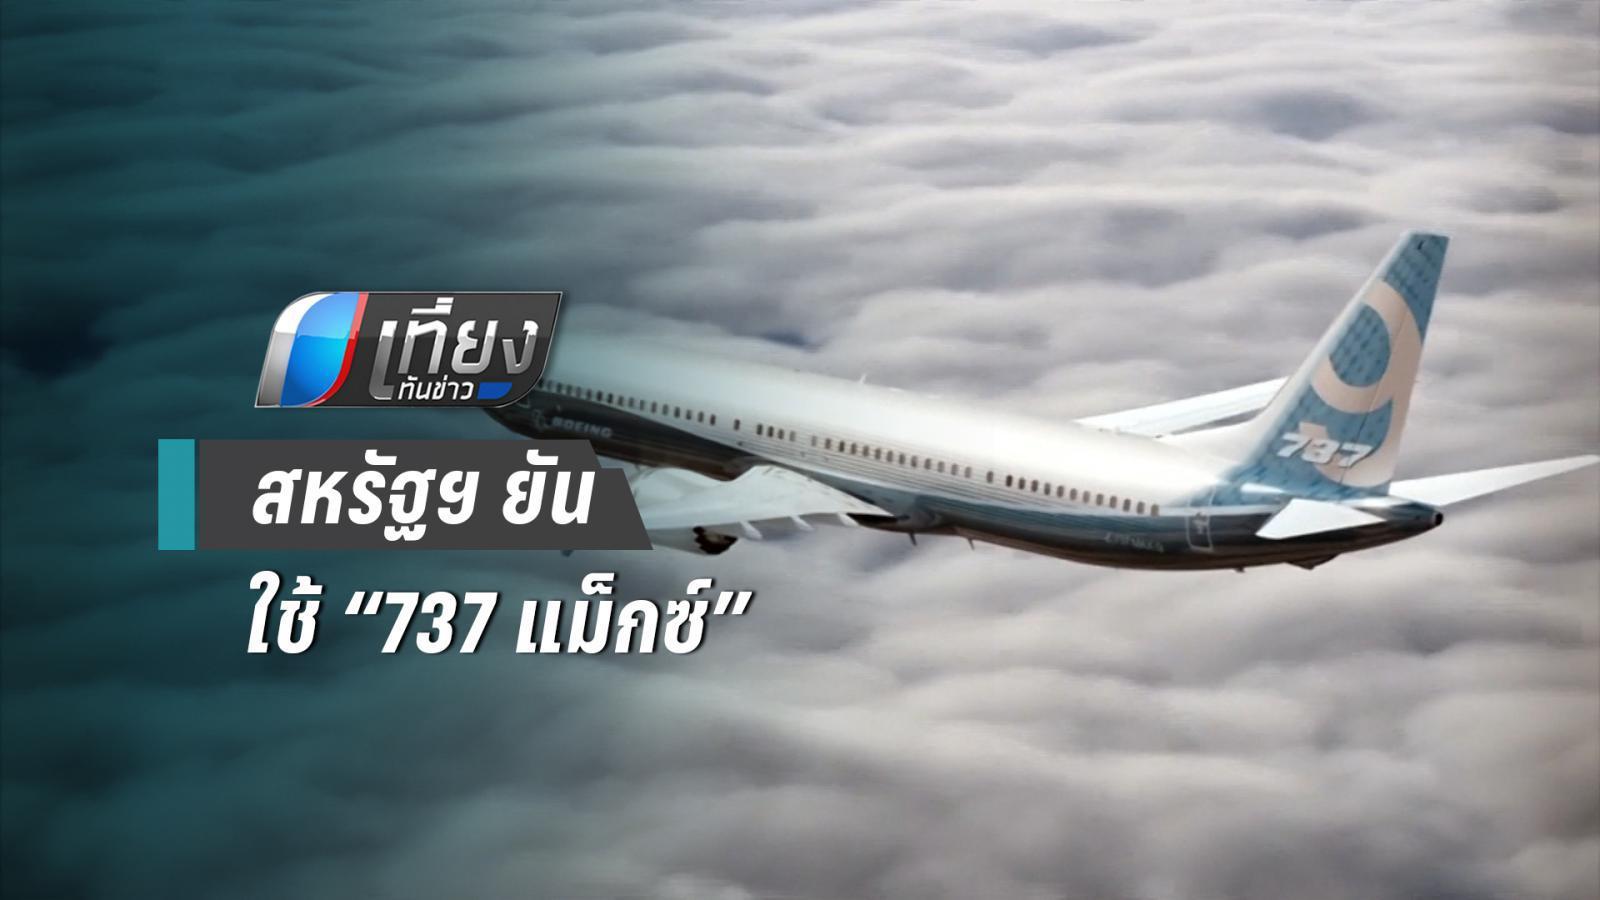 """ไม่ระงับ !! สหรัฐฯ ยันใช้ """"737 แม็กซ์"""""""